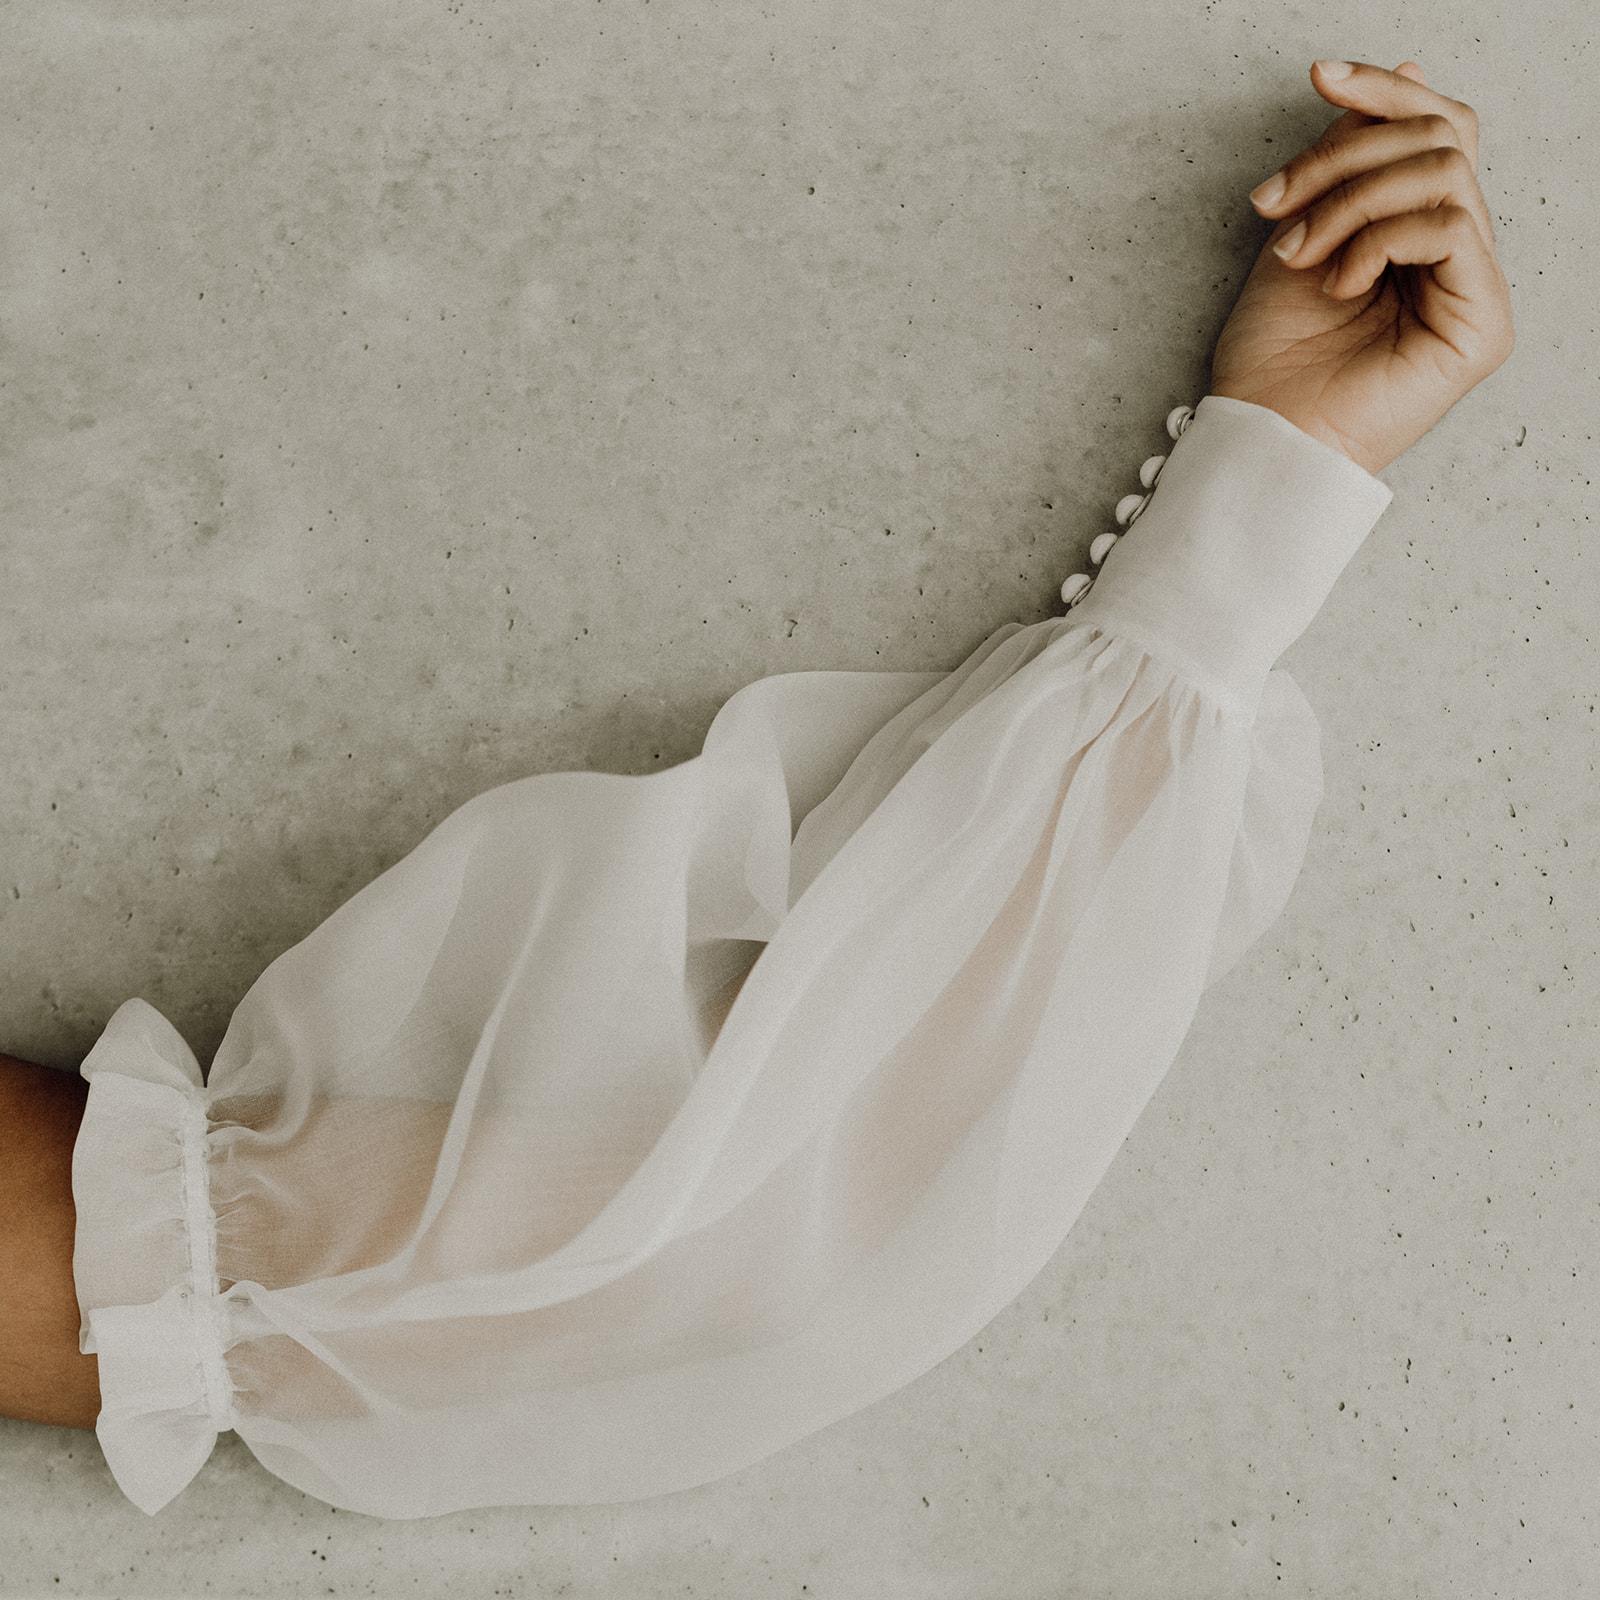 Elise Martimort creatrice de robes de mariees sur mesure manches Romy mariage bordeaux paris collection falling in love